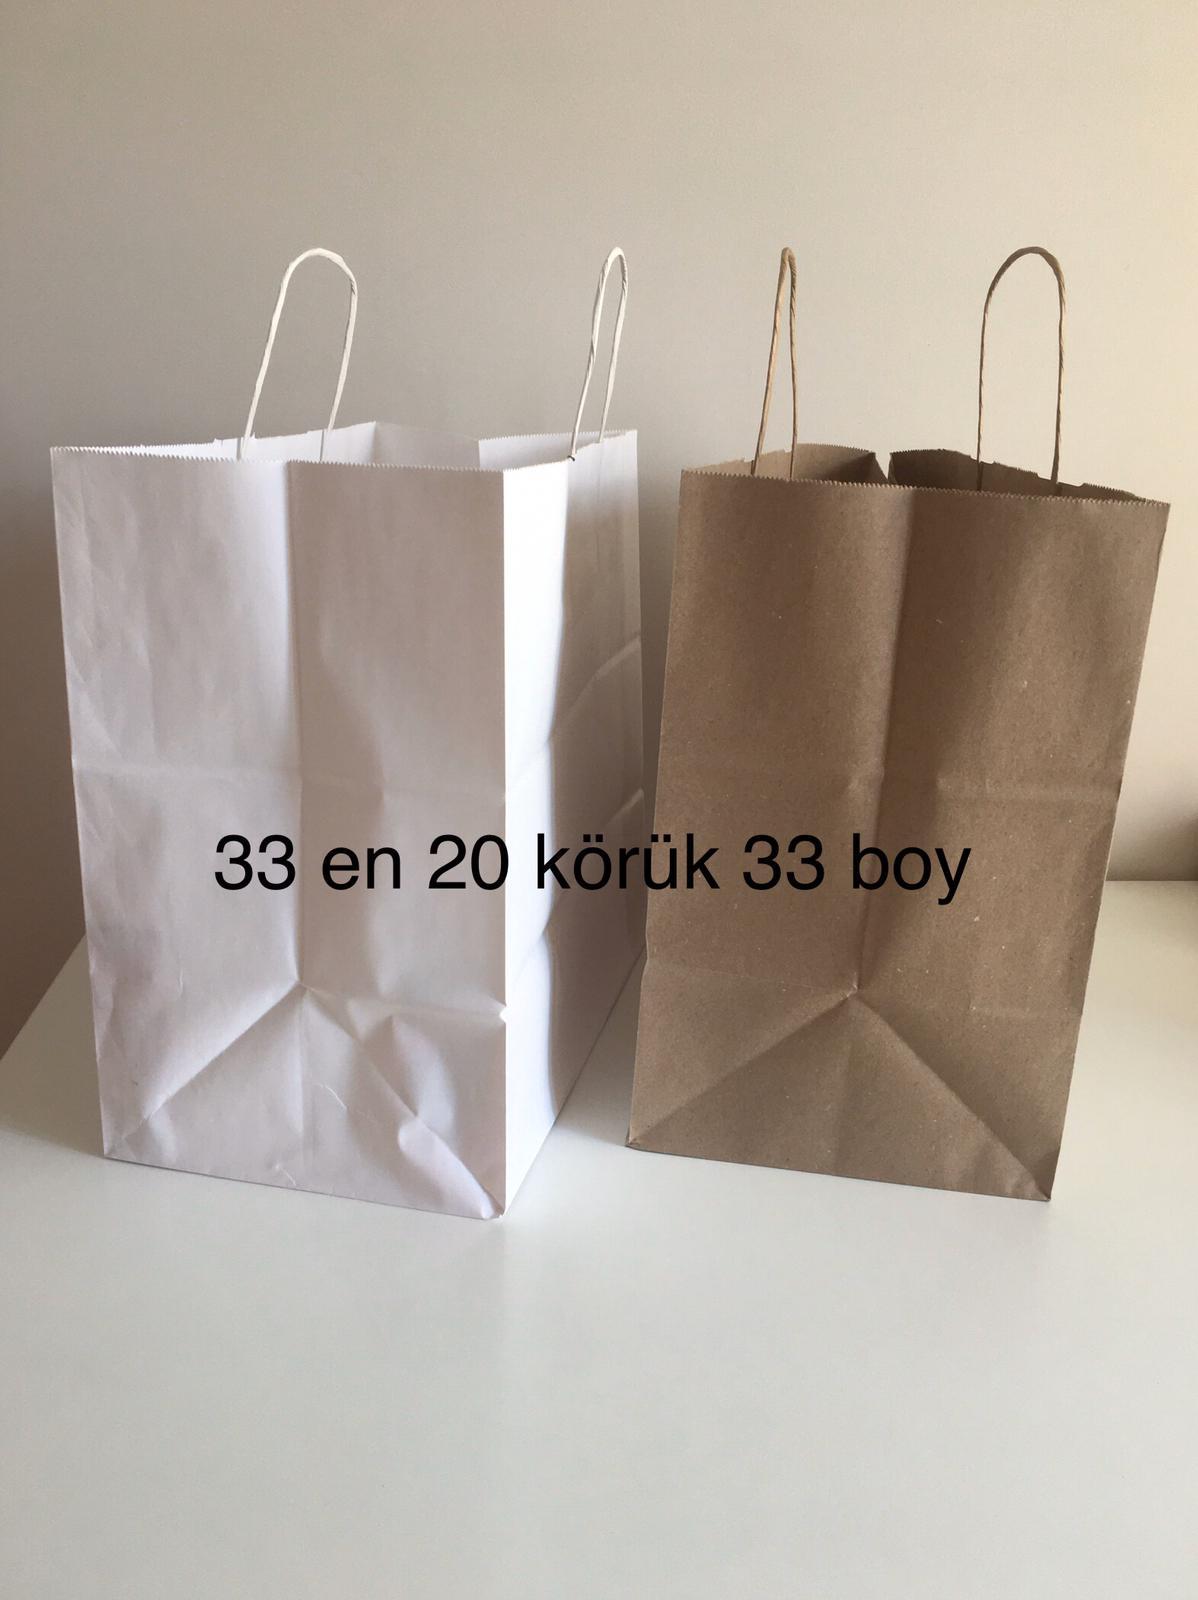 bcaa3ea9-3dd5-49fb-9654-40b867b12155-3